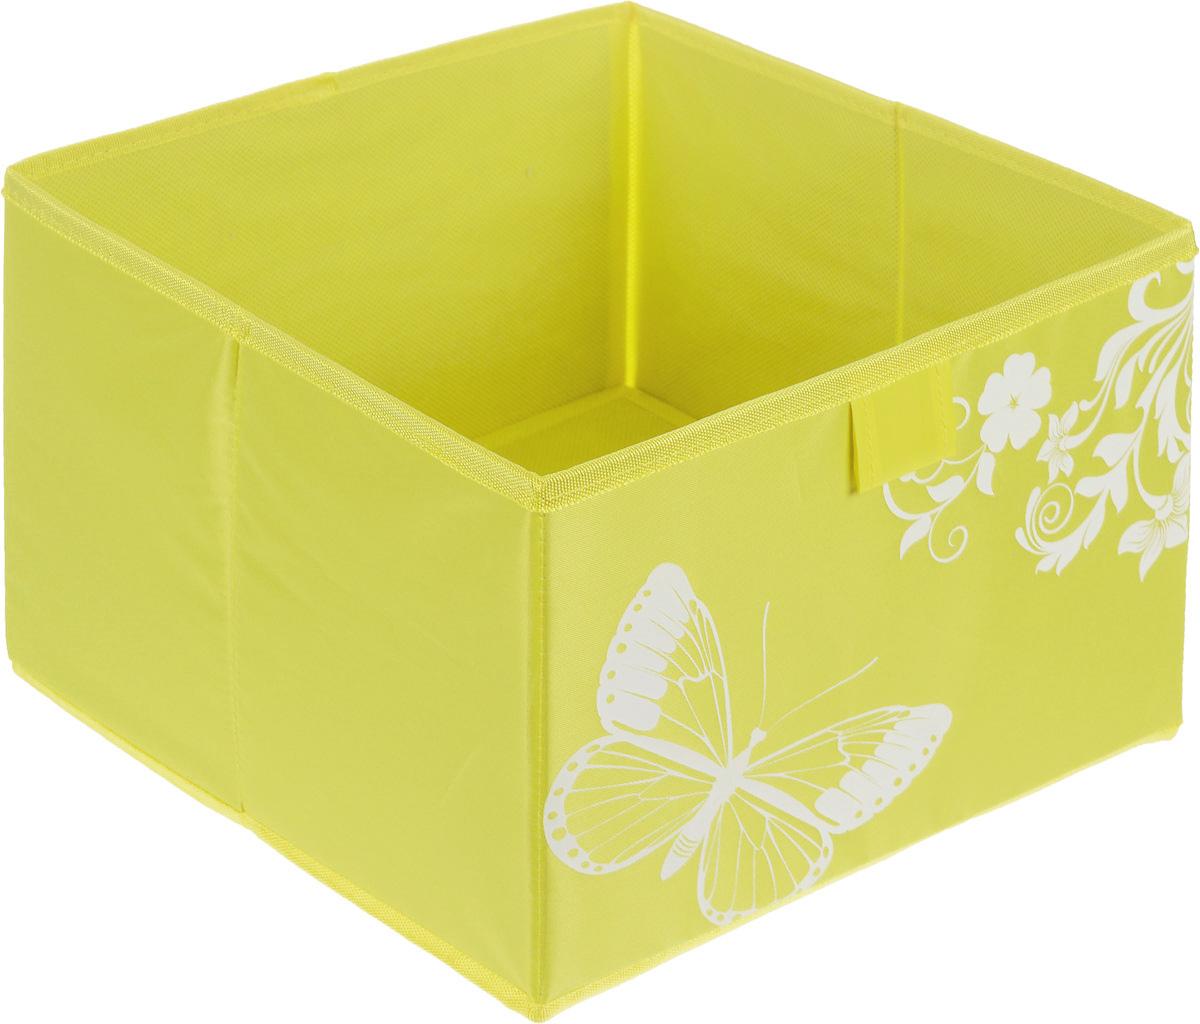 """Коробка для хранения """"Hausmann"""" поможет легко организовать пространство в шкафу или в гардеробе. Изделие выполнено из из нетканого материала и полиэстера. Коробка держит форму благодаря жесткой вставке из картона, которая устанавливается на дно. Боковая поверхность оформлена красивым принтом и изображением бабочки. В такой коробке удобно хранить одежду, нижнее белье, различные аксессуары."""